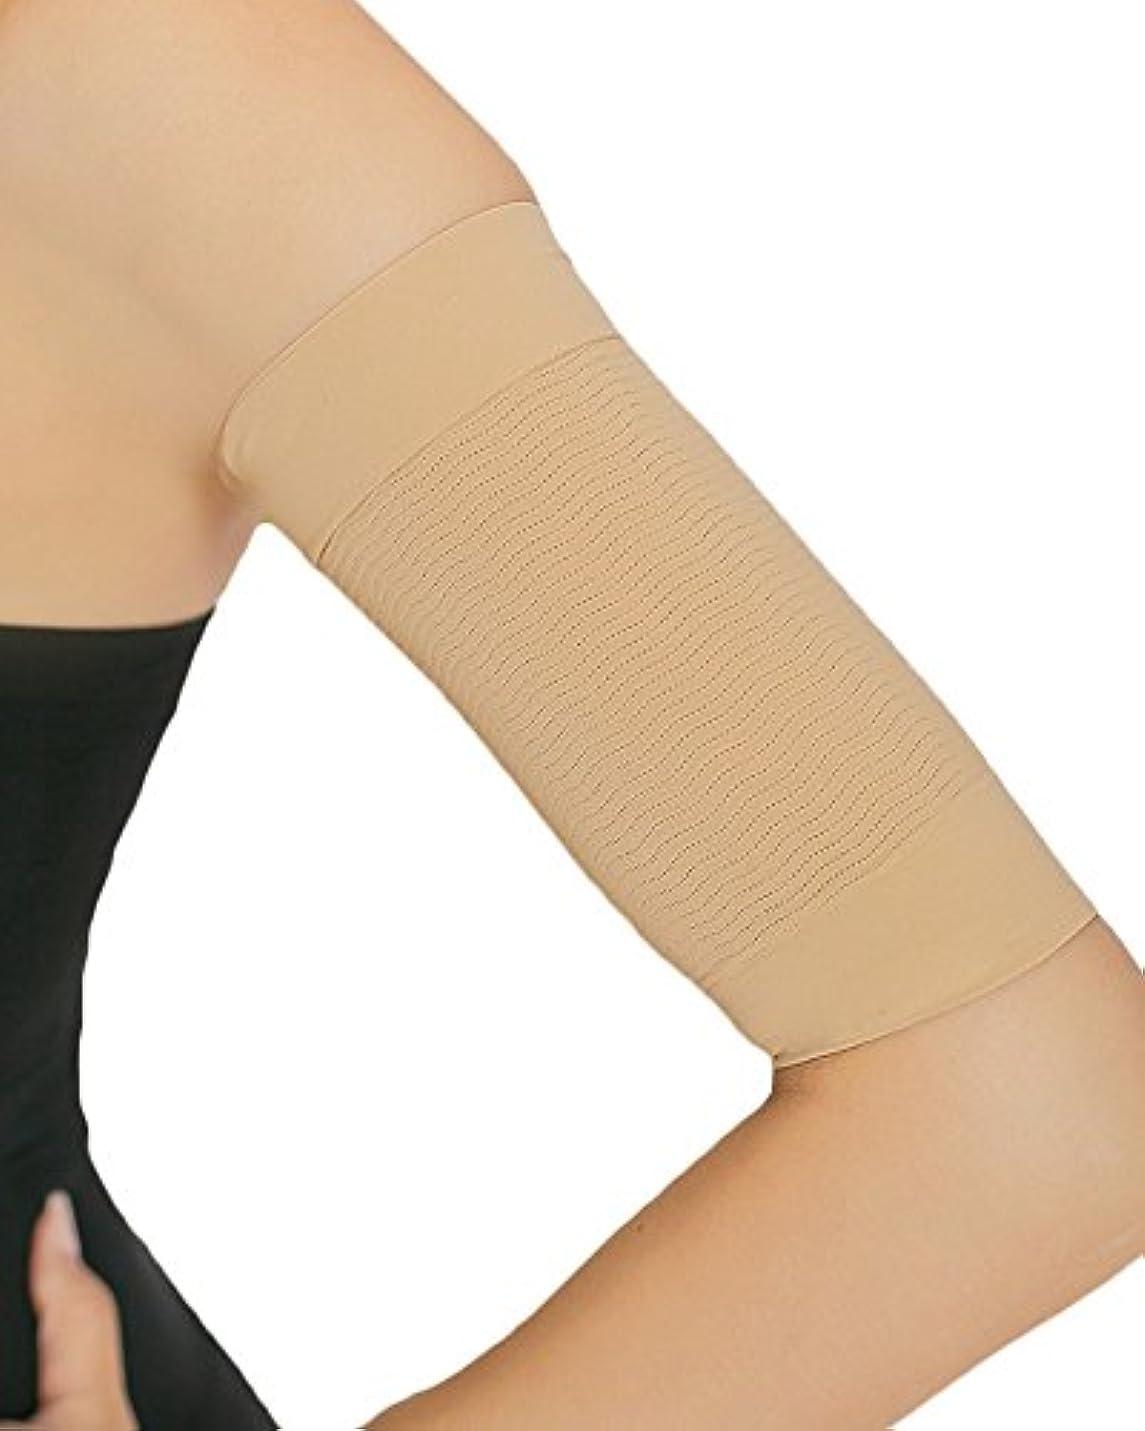 心理的に有益蓮(コウエイストア)koeistore 二の腕スッキリ 着圧 痩せ引き締め シェイパー サポーター シェイプアップ 脂肪燃焼 加圧 レディース K105